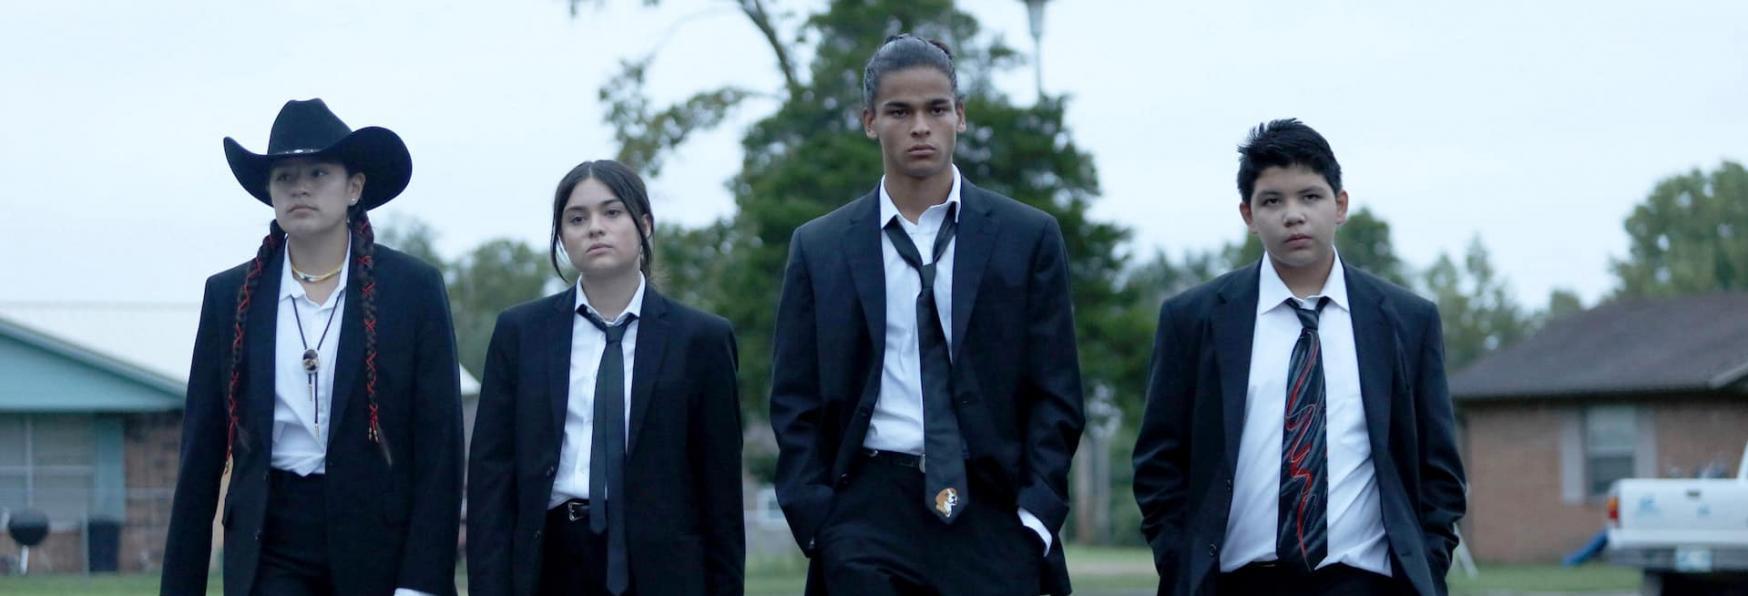 Reservation Dogs: il Trailer Completo e la Sinossi Ufficiale della Serie TV Hulu di prossima Uscita